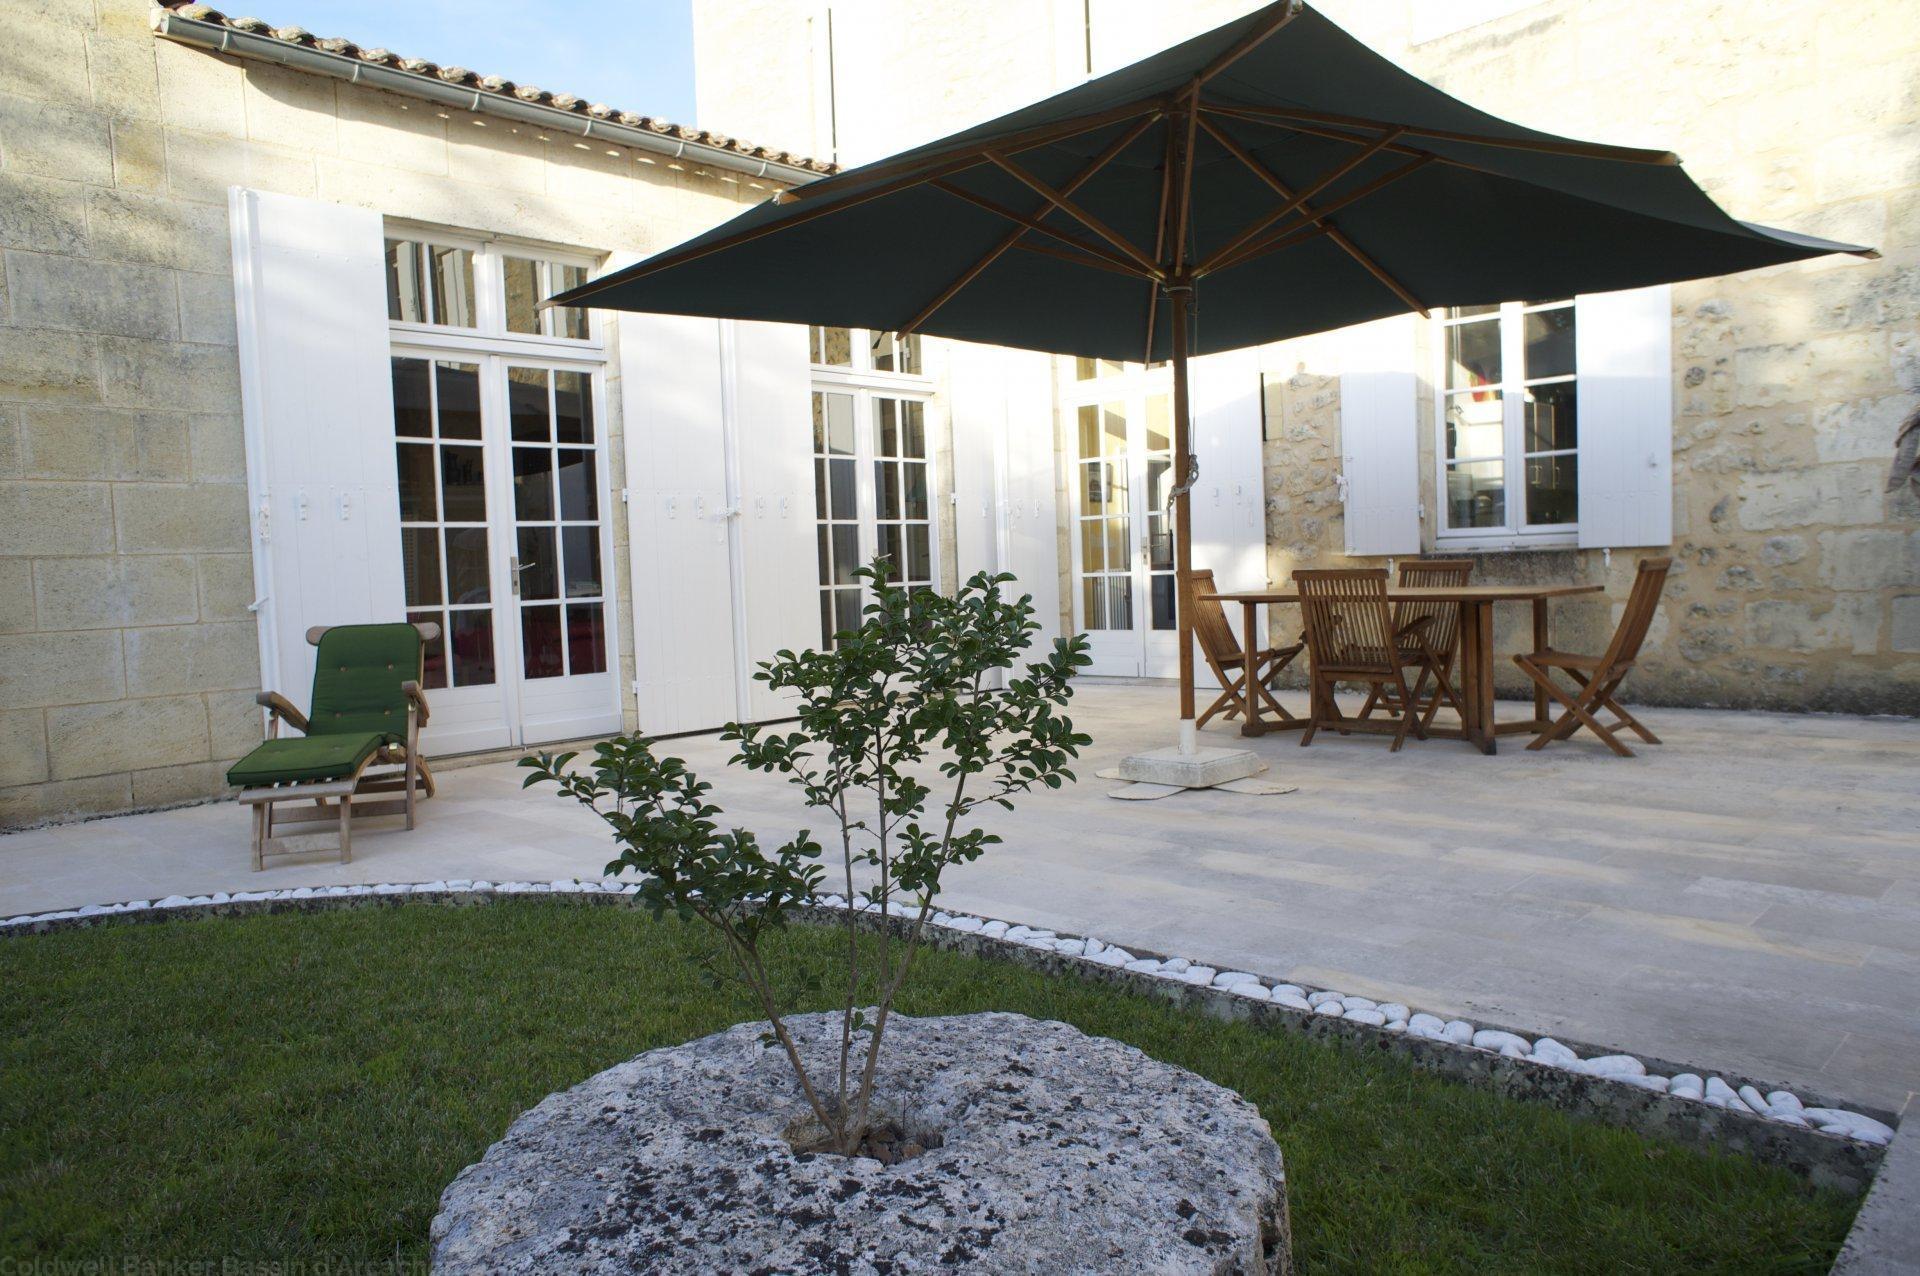 Vente maison villa proche bordeaux rauzan 33420 for Bordeaux une chambre en ville